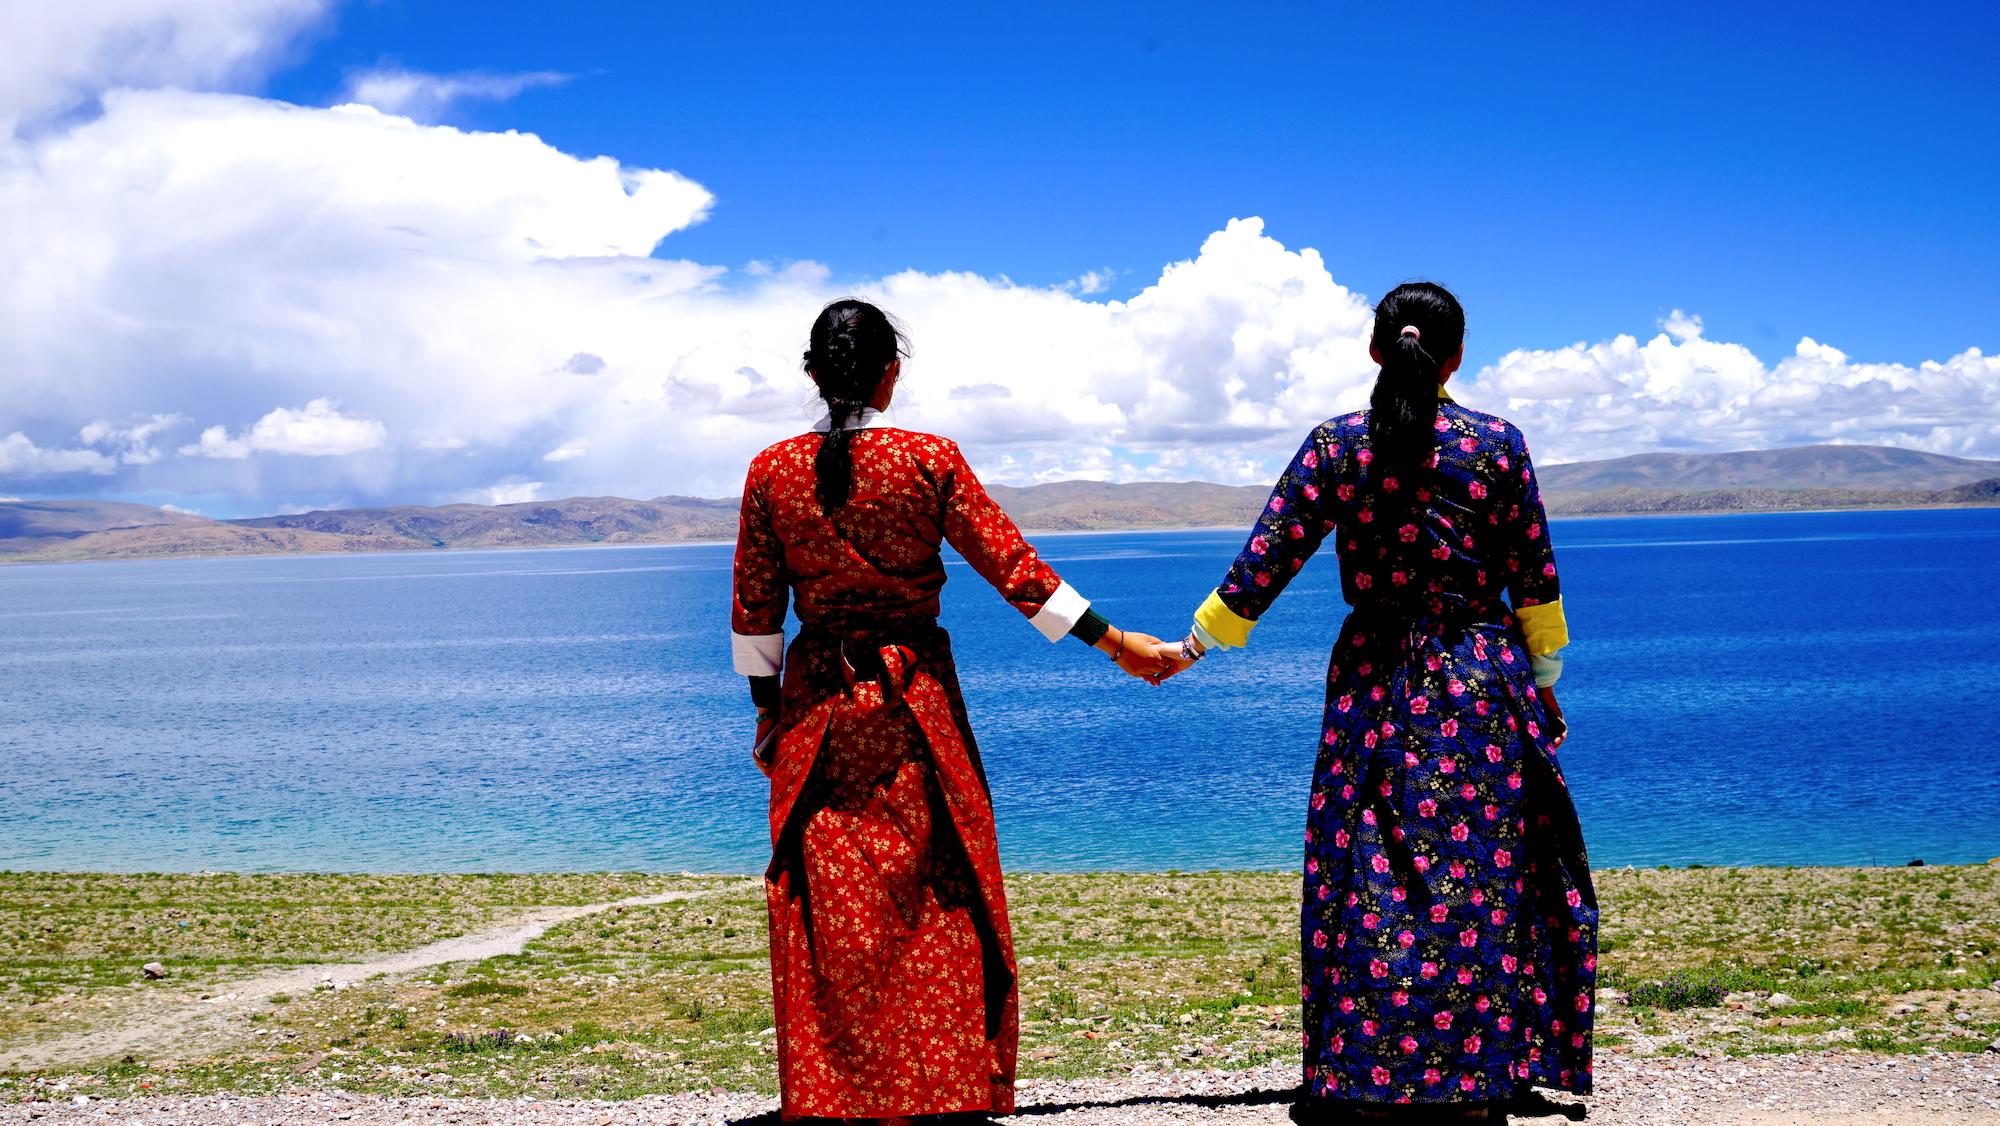 西藏當雄納木措一日遊(mini 小團/贈送餐食/2人起訂贈送氧氣)